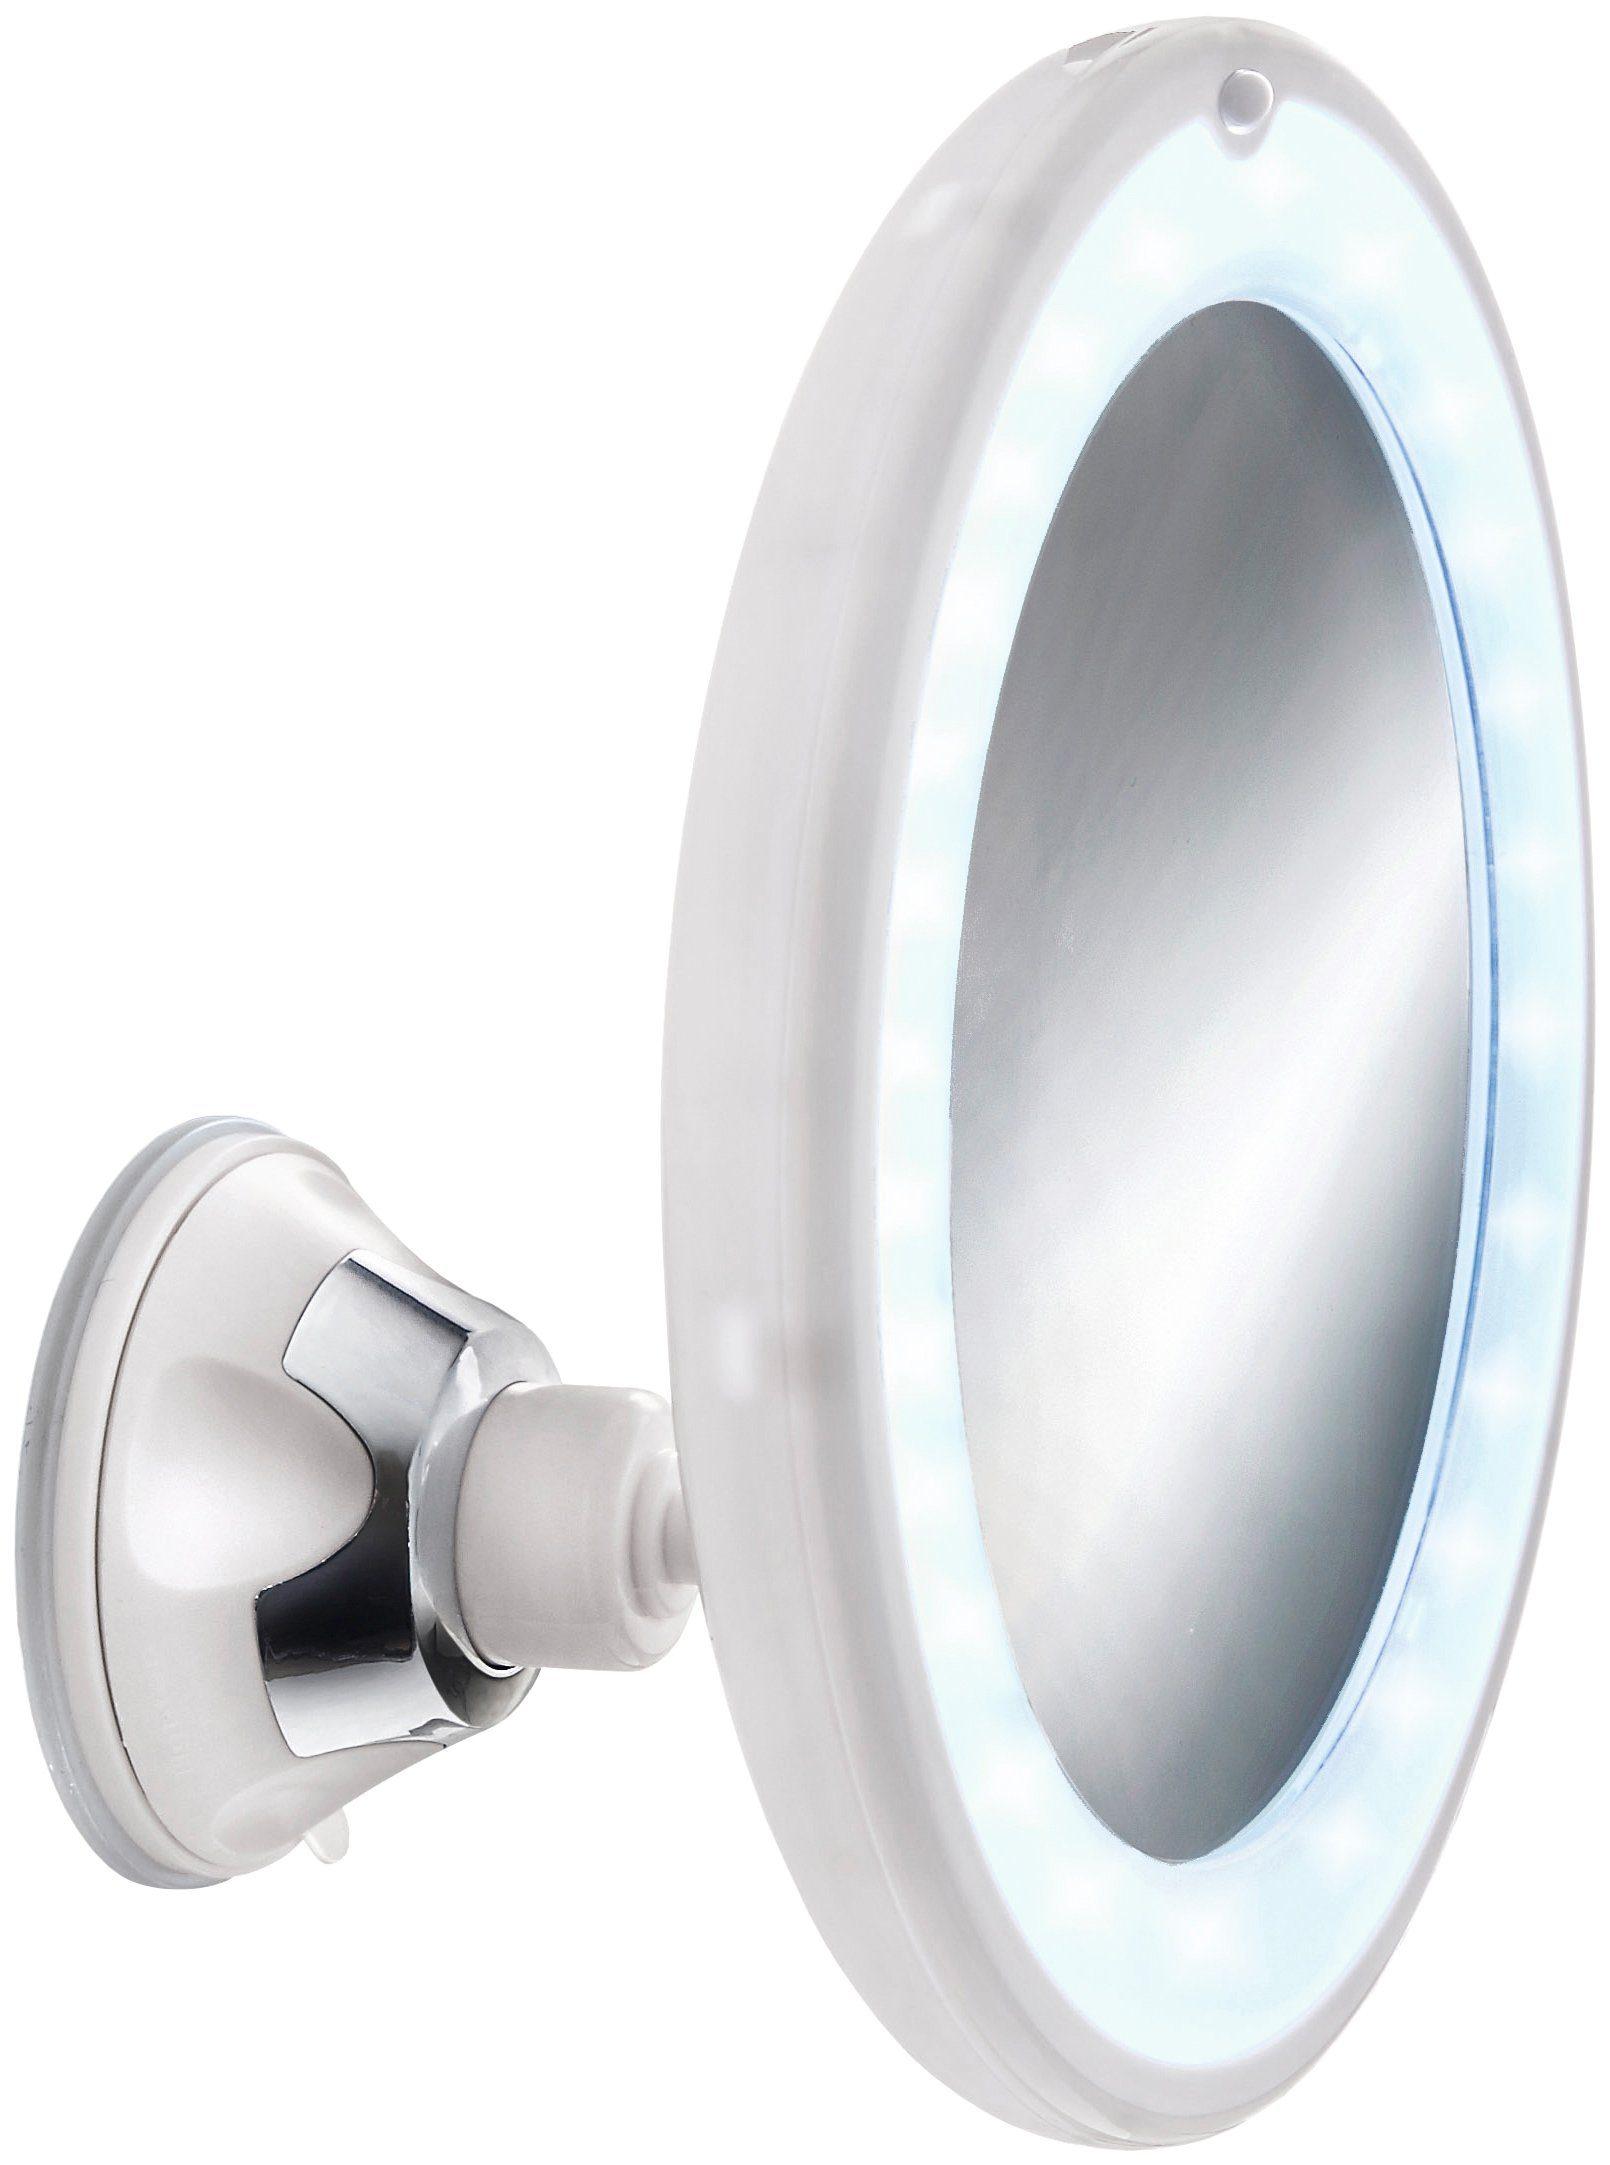 Kosmetikspiegel »Flexy Light«, Durchmesser 17,5 cm